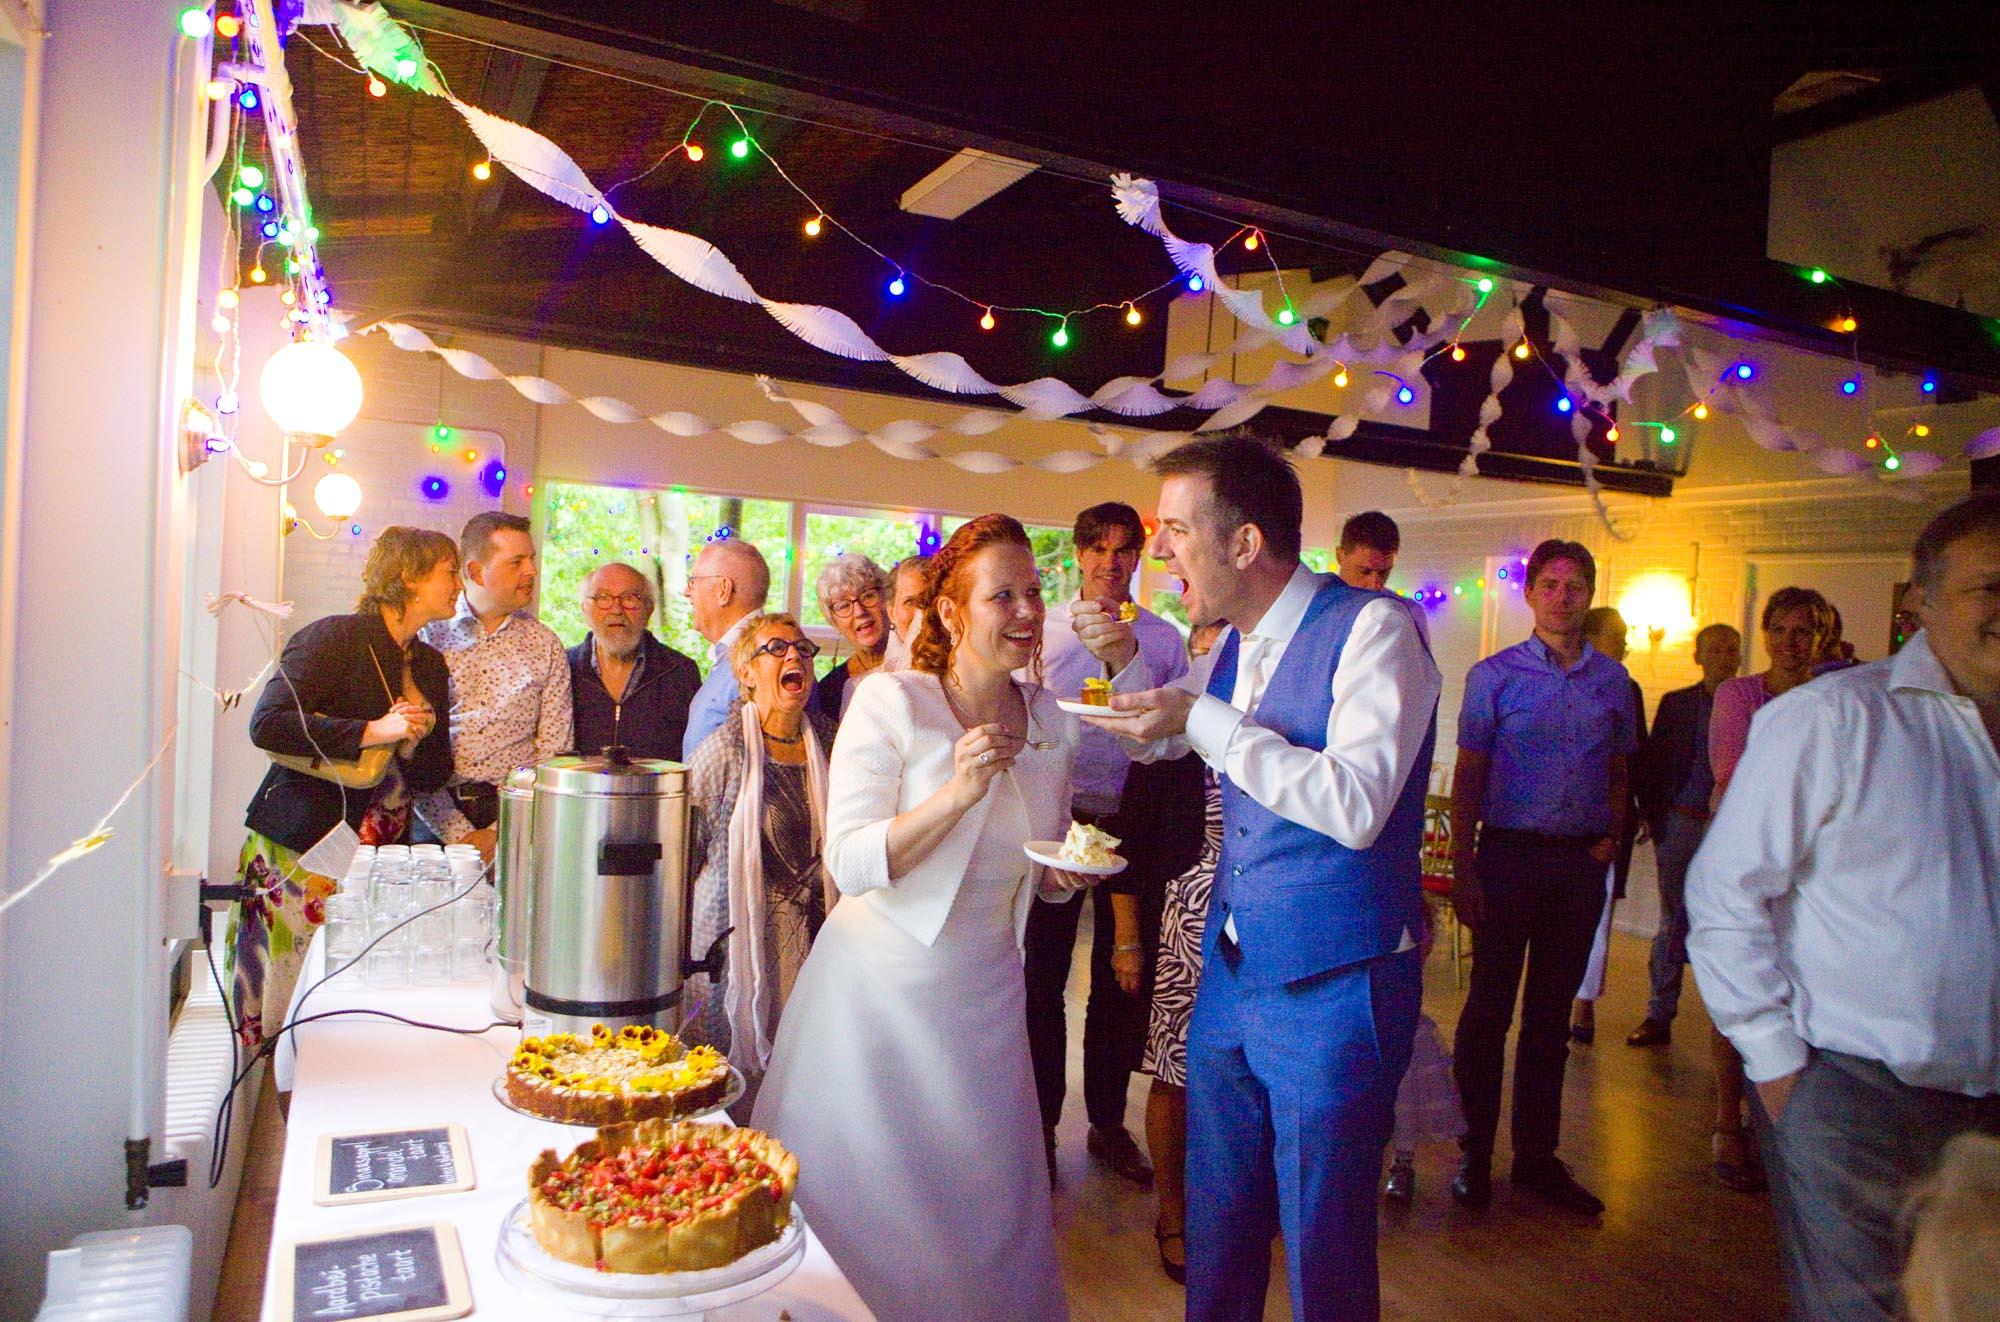 Bruidsfotografie sfeerverlichting bruiloft decoraties trouwfeest bruidstaart Hertenhorst Delft